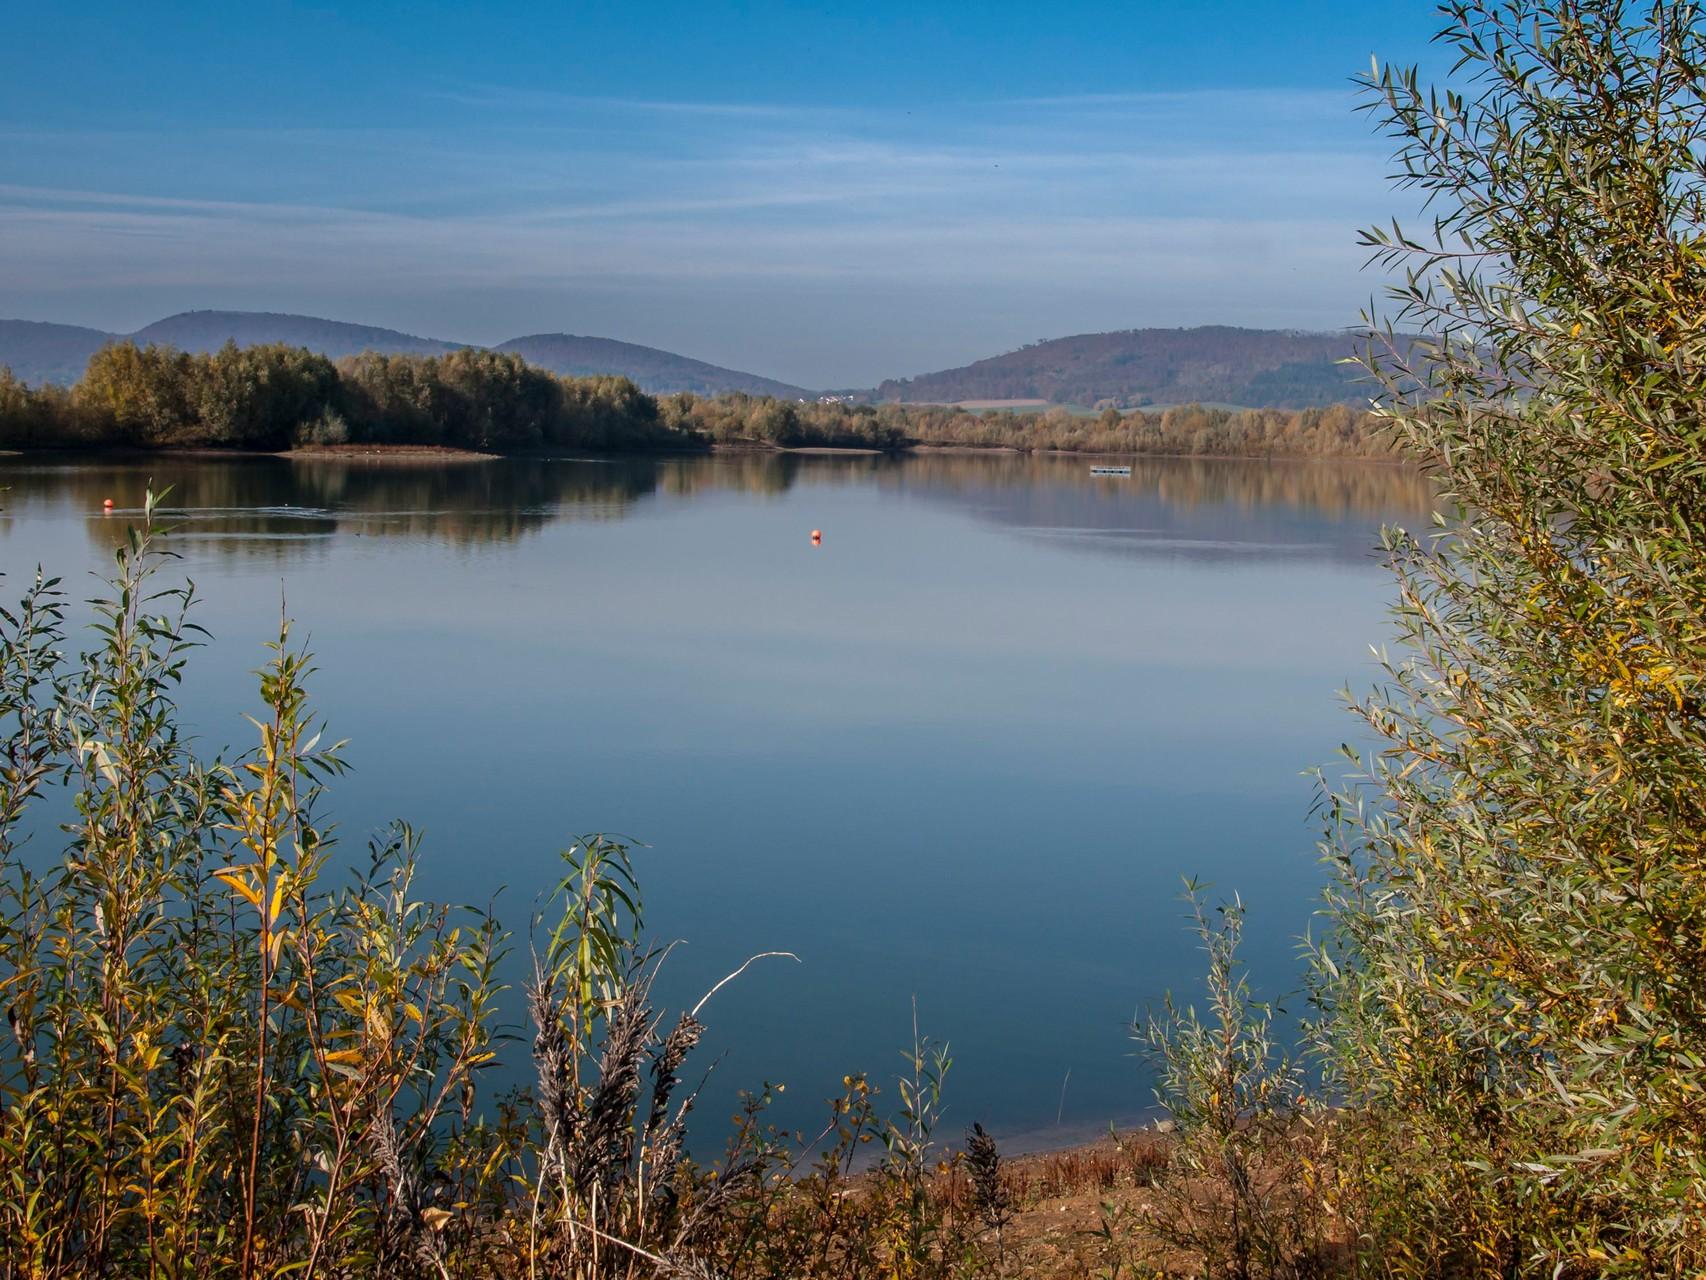 Blick auf die Wasserflächen. - Foto: Kathy Büscher